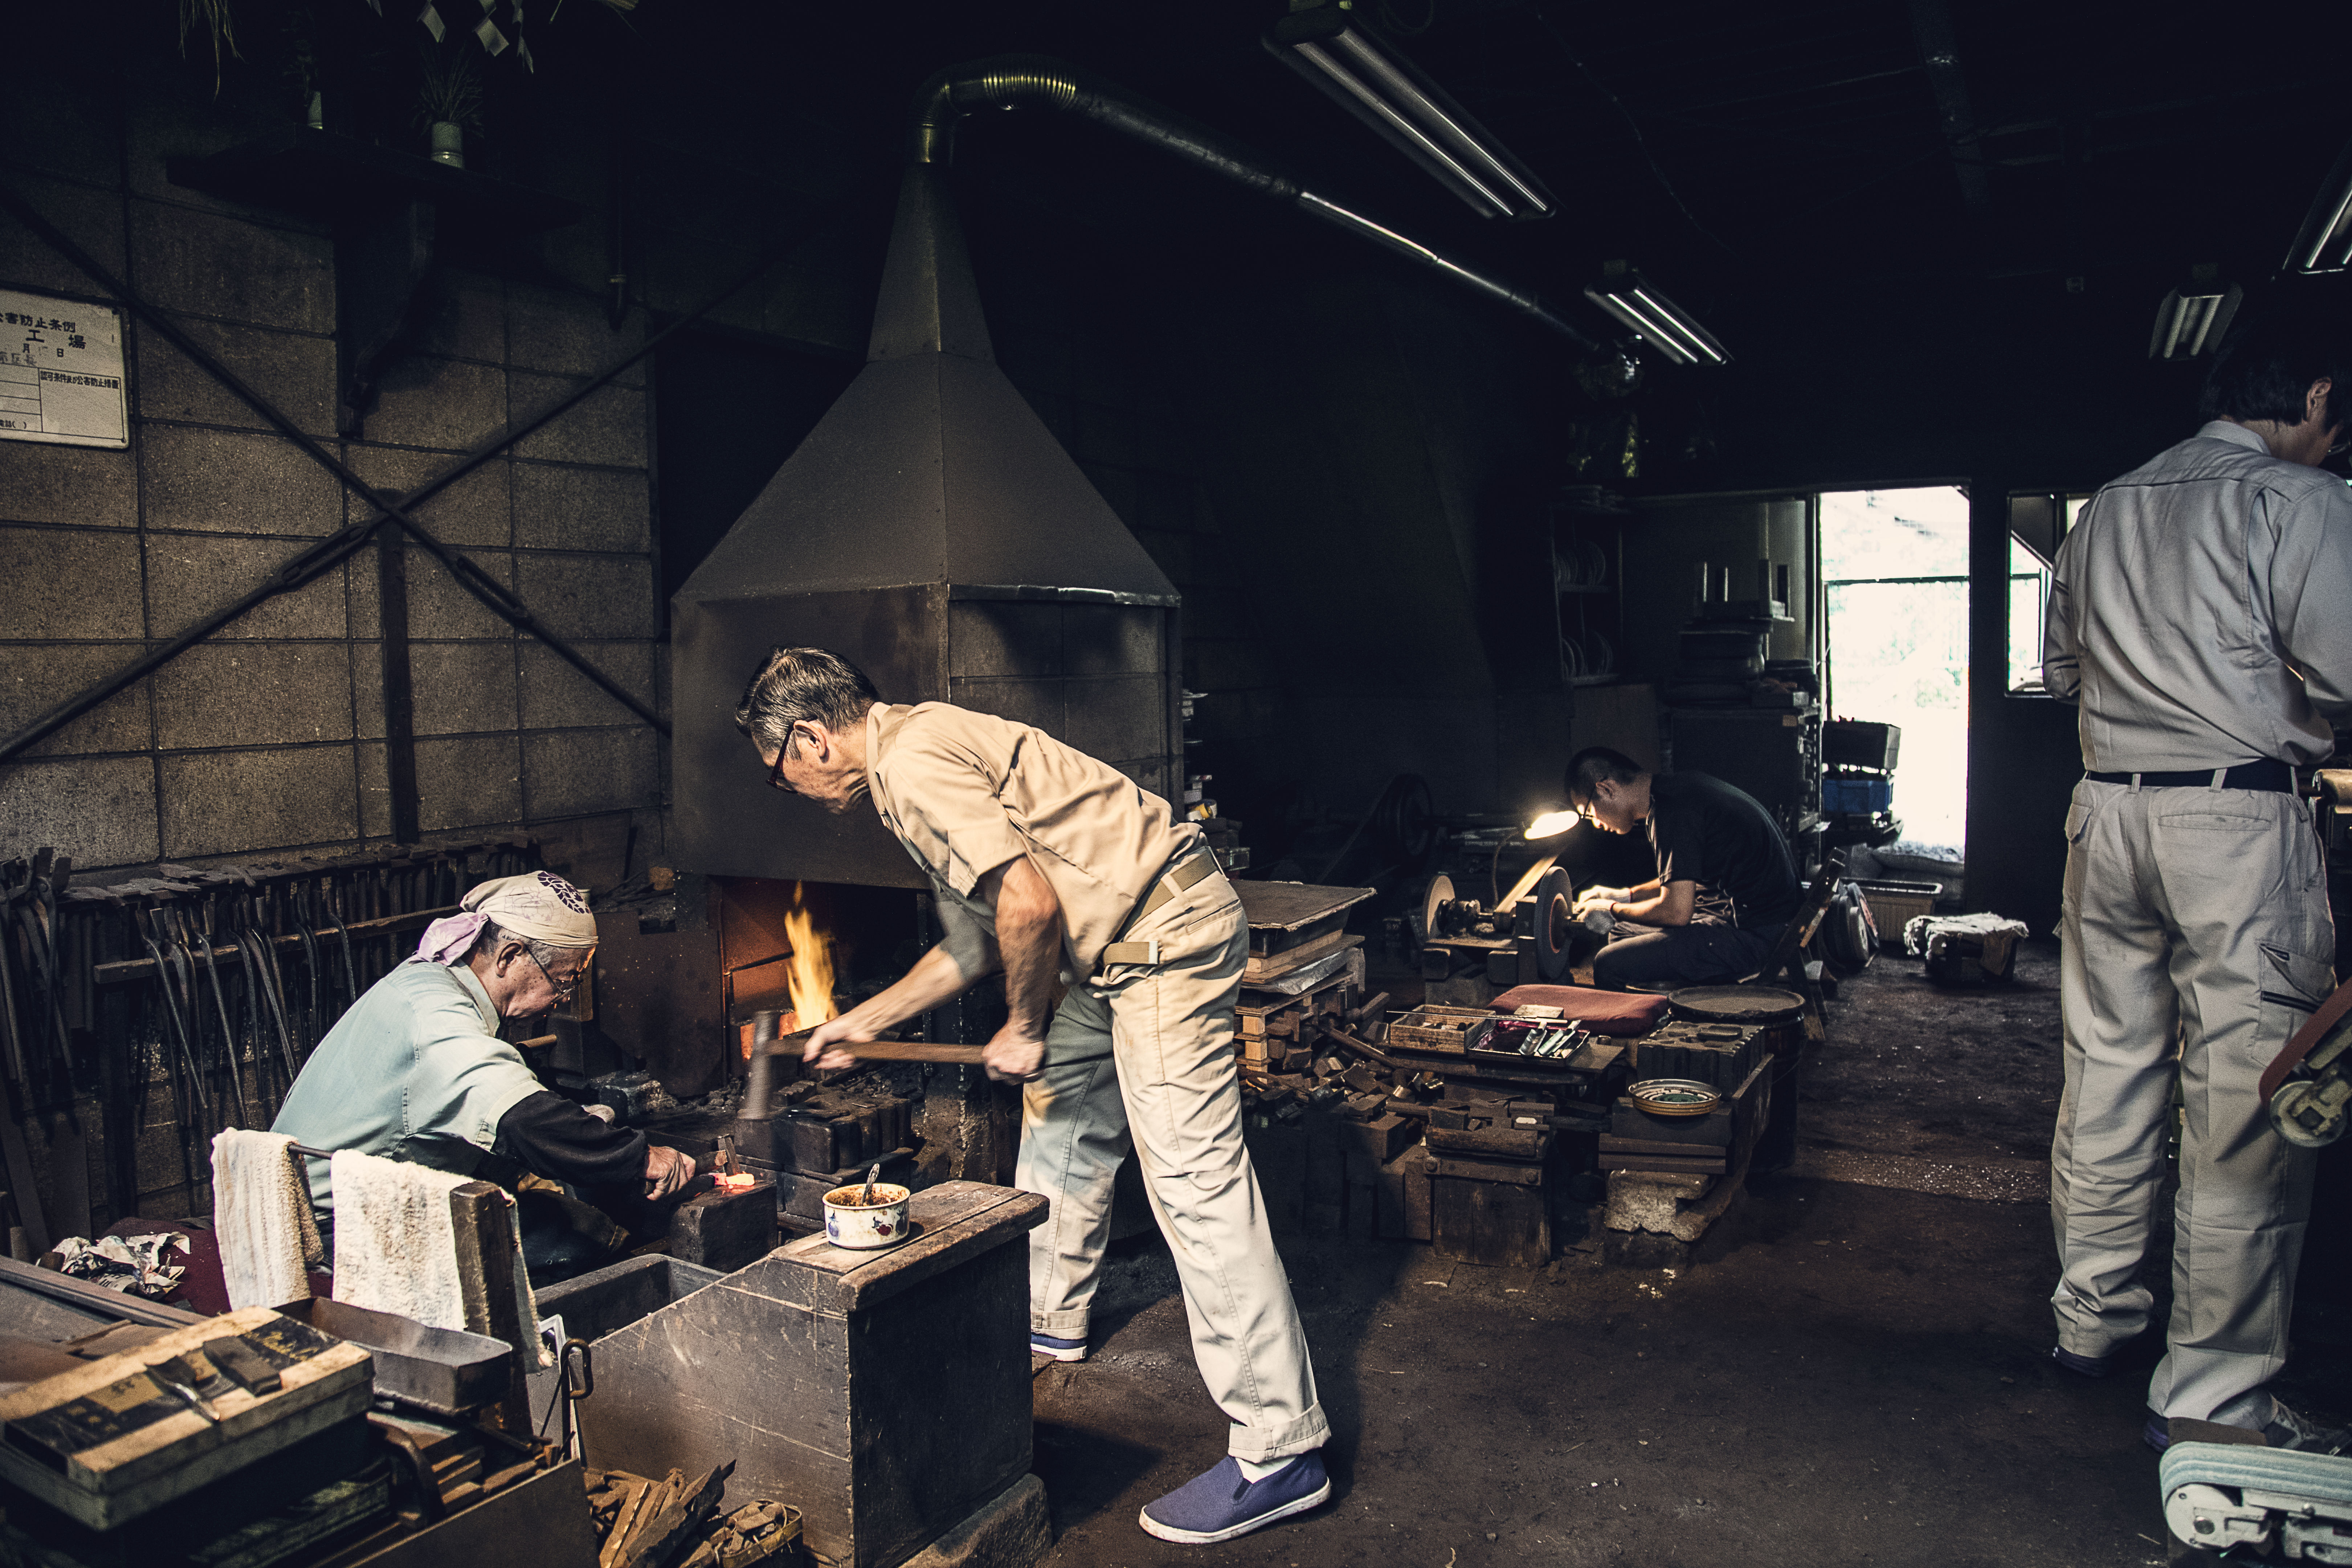 東京の伝統工芸品をブランディング。「東京手仕事」とは何か?